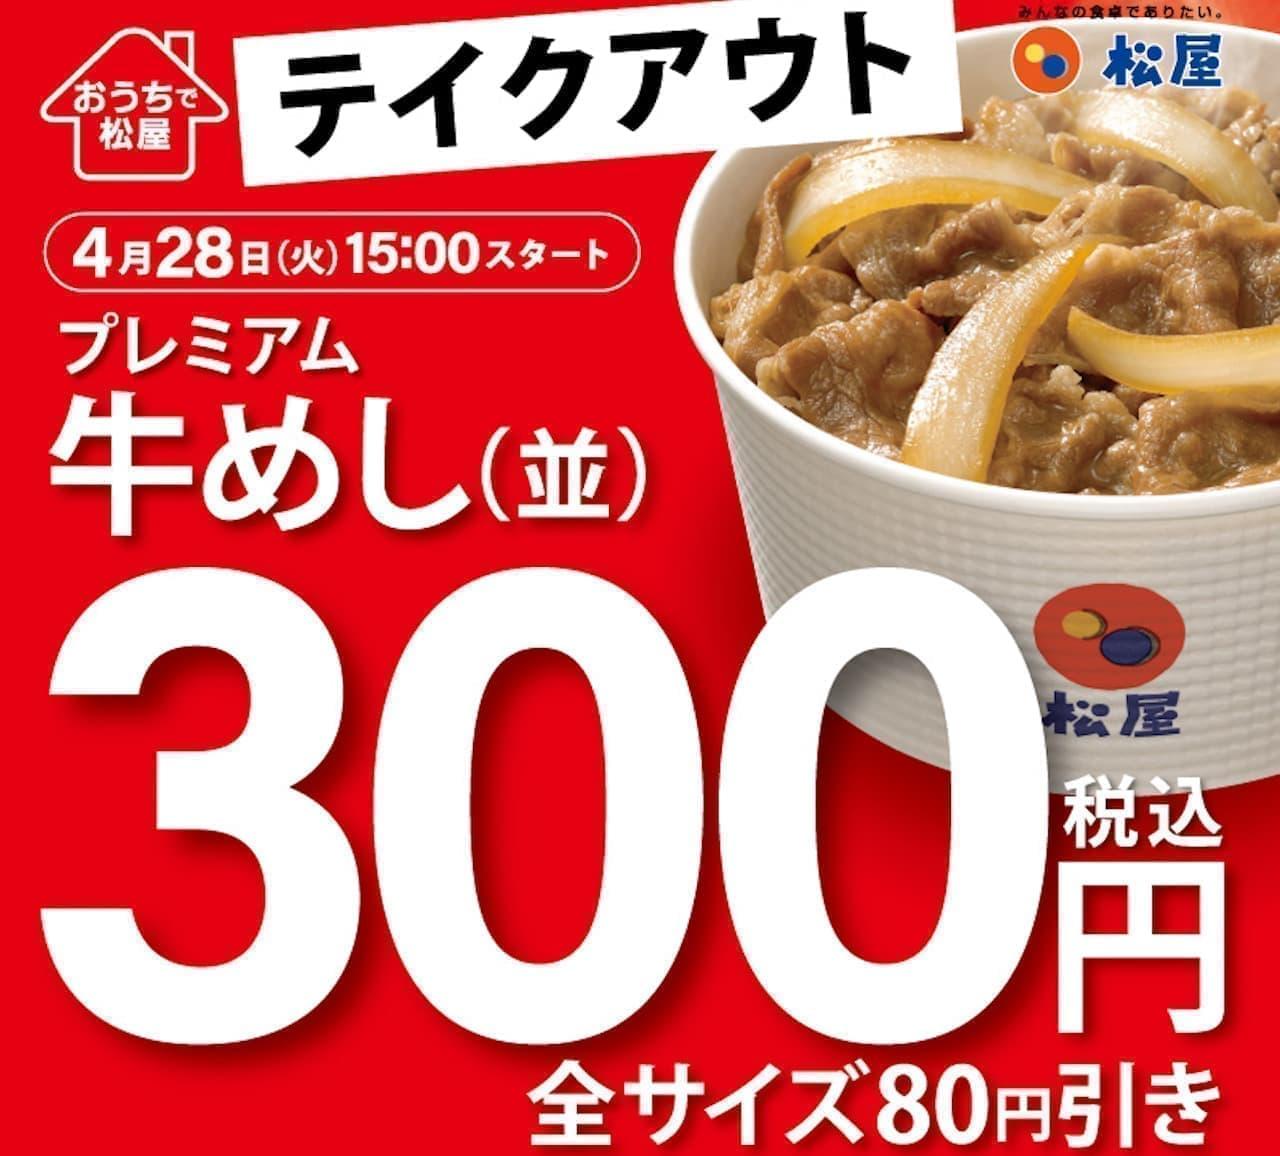 松屋でテイクアウト限定「牛めし(並)300円」「オリジナルカレー大復活」キャンペーン